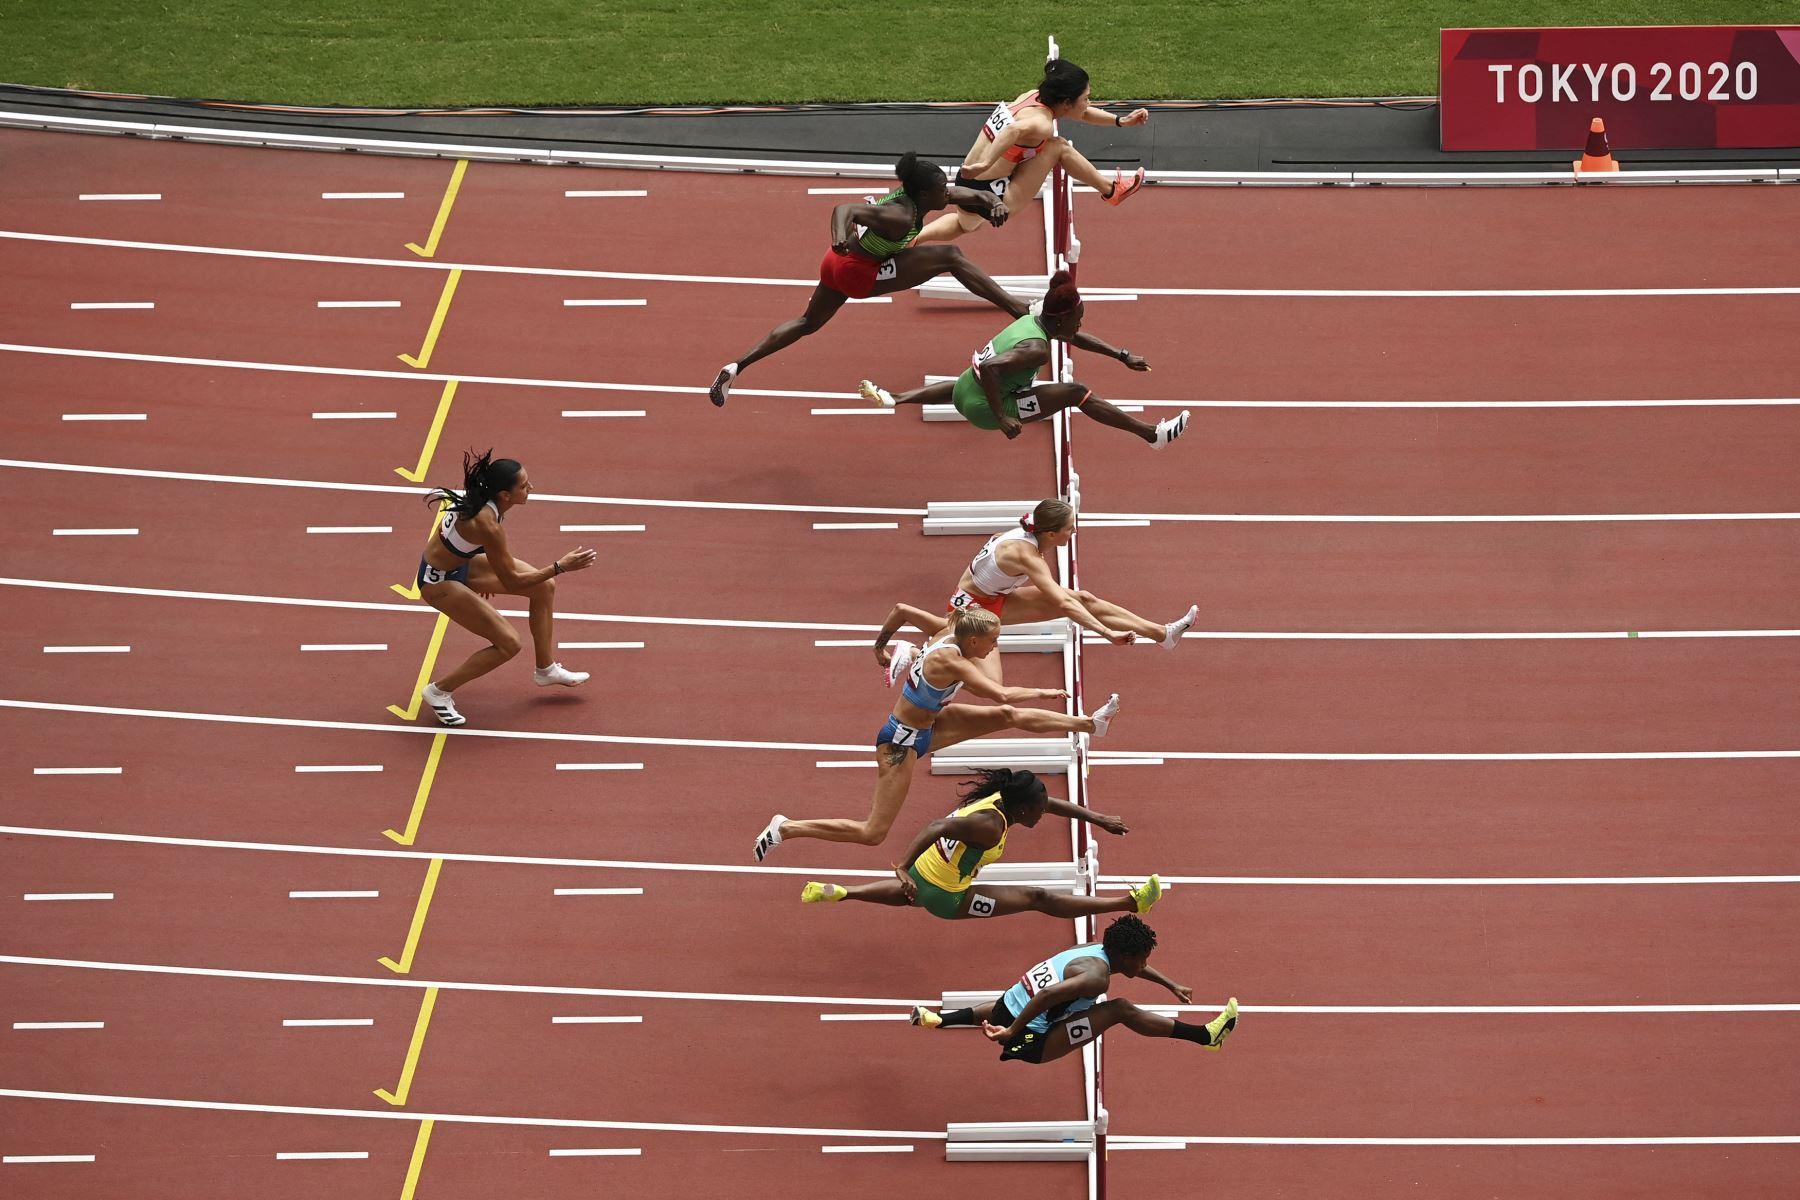 La griega Elisavet Pesiridou no logra terminar en las eliminatorias femeninas de 100 metros con vallas durante los Juegos Olímpicos de Tokio 2020 en el Estadio Olímpico de Tokio. Foto: AFP